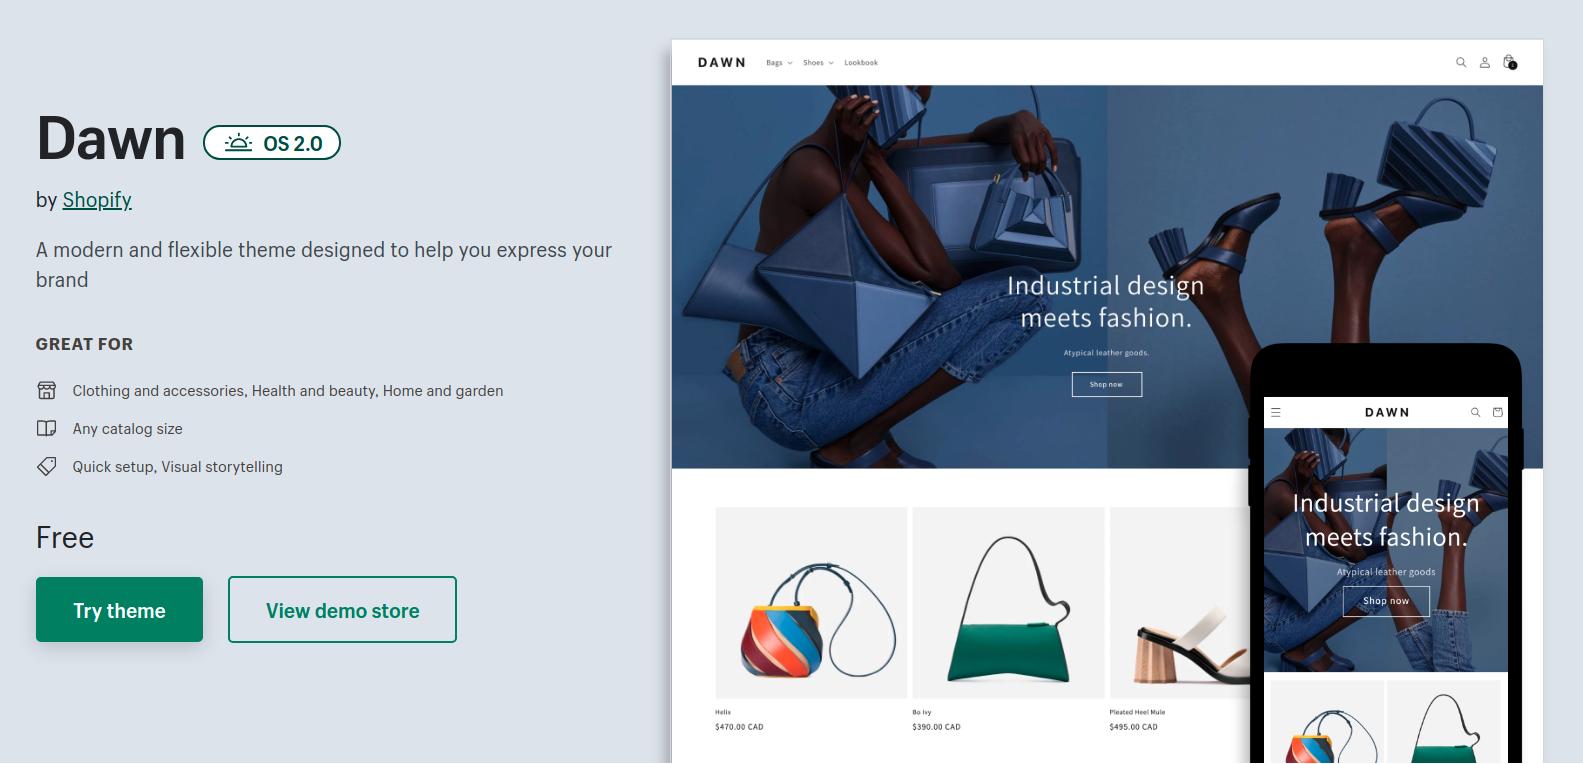 dawn-online-store-2-shopify-theme